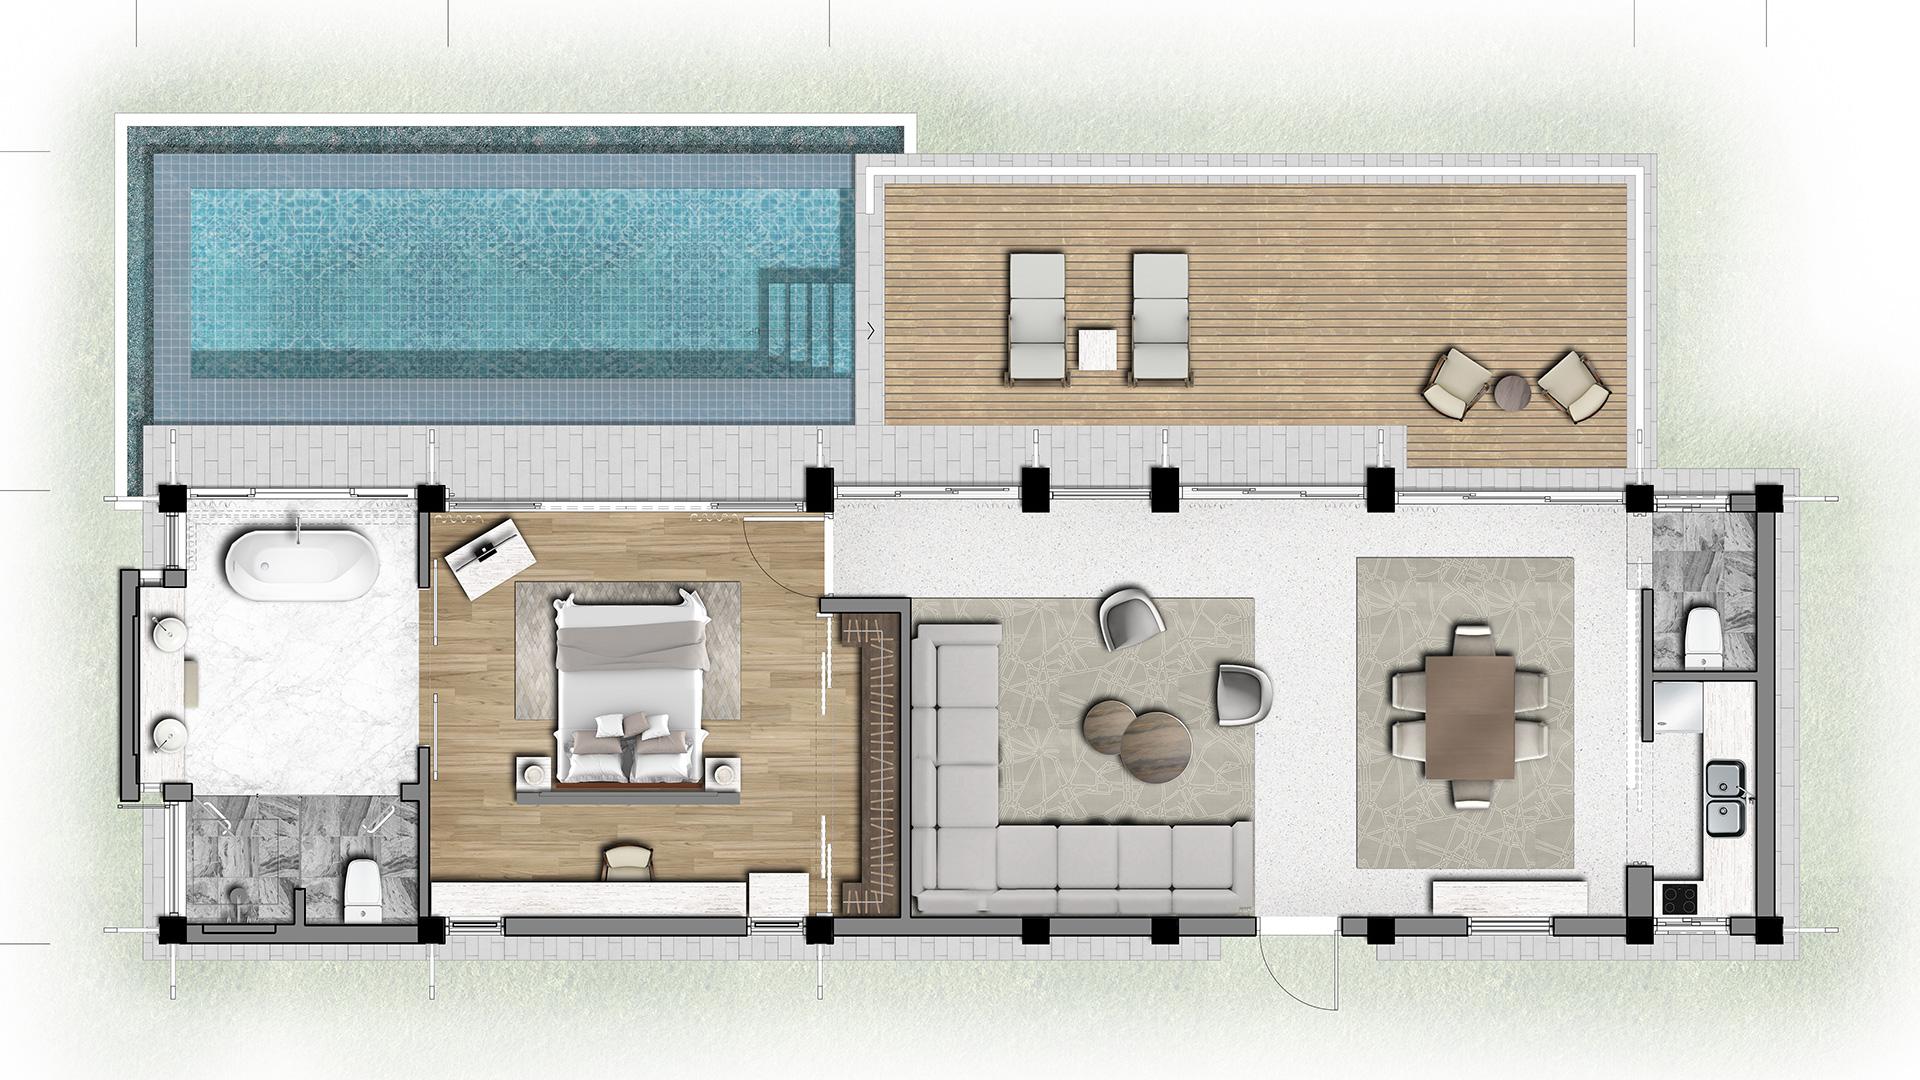 Mặt bằng căn biệt thự loại 1 phòng ngủ dự án Banyan Tree Residences